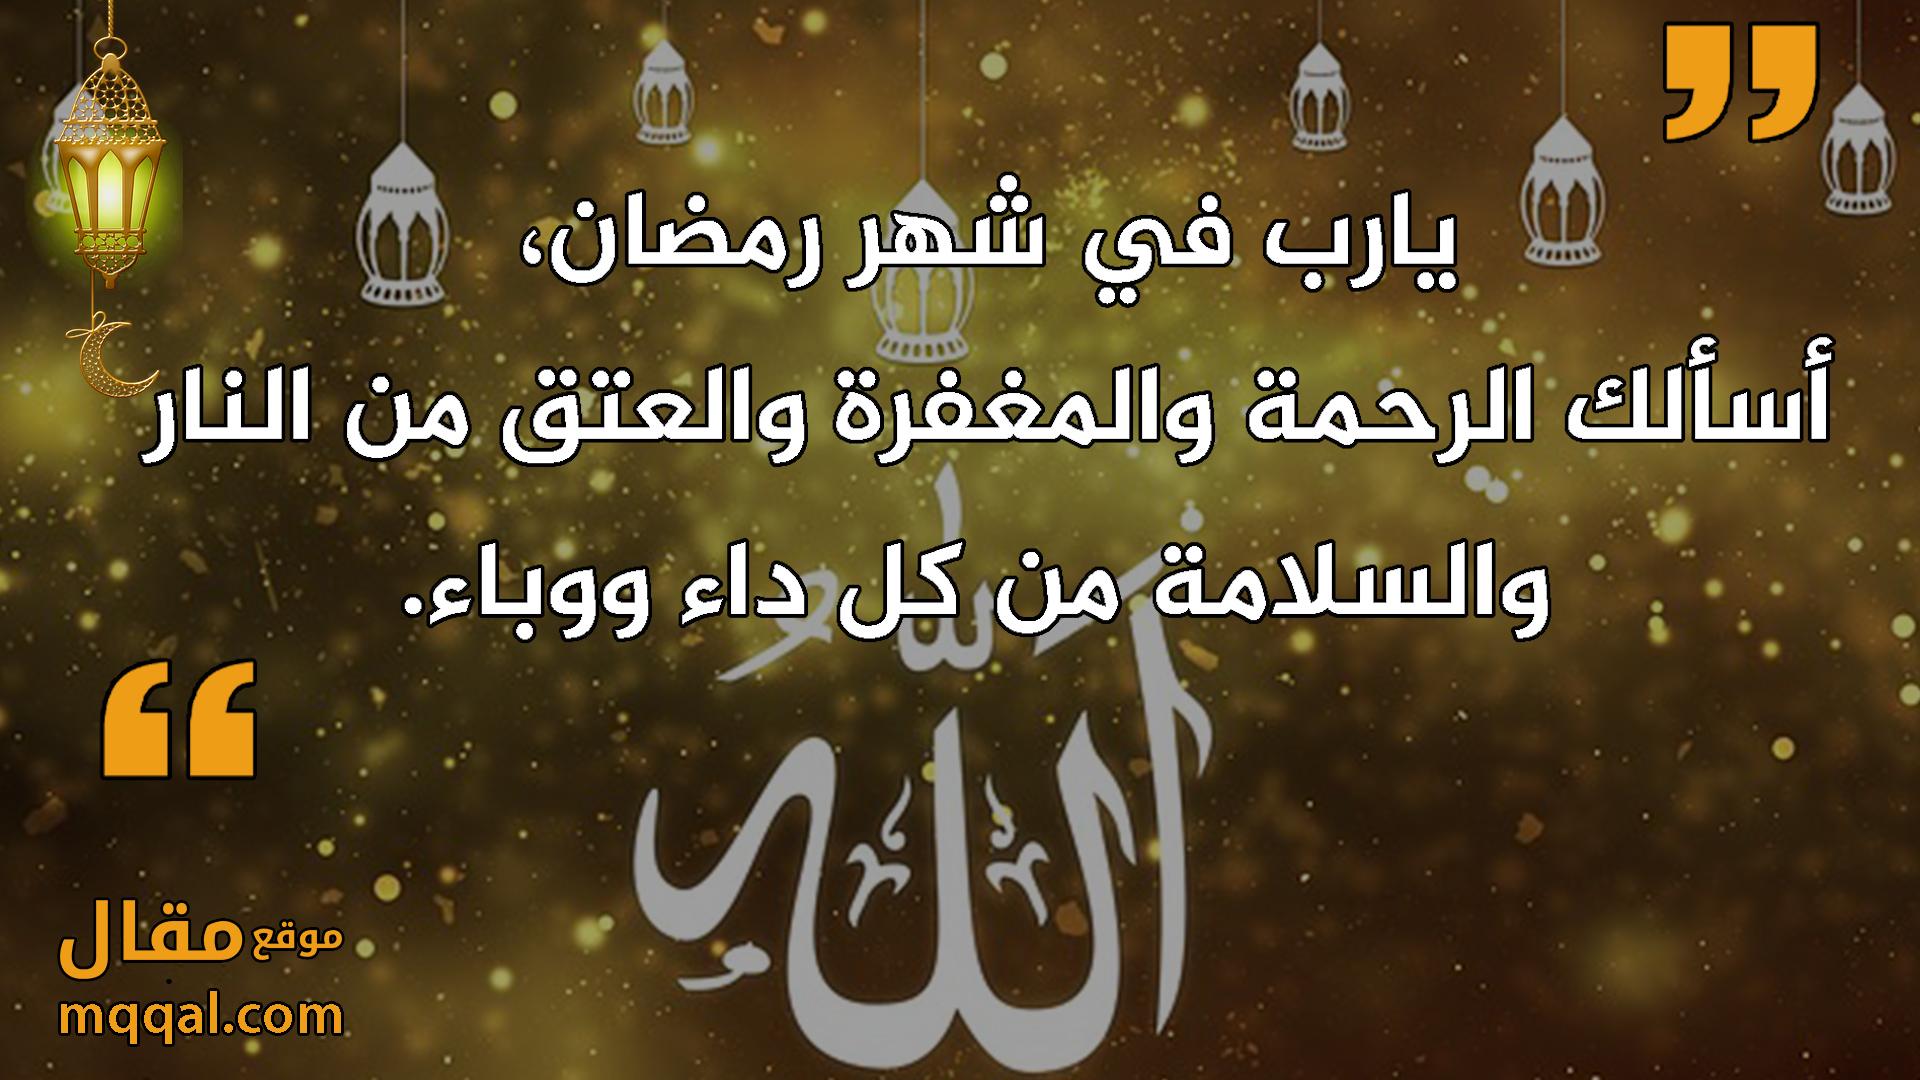 صورة دعاء في شهر رمضان - رمضان كريم